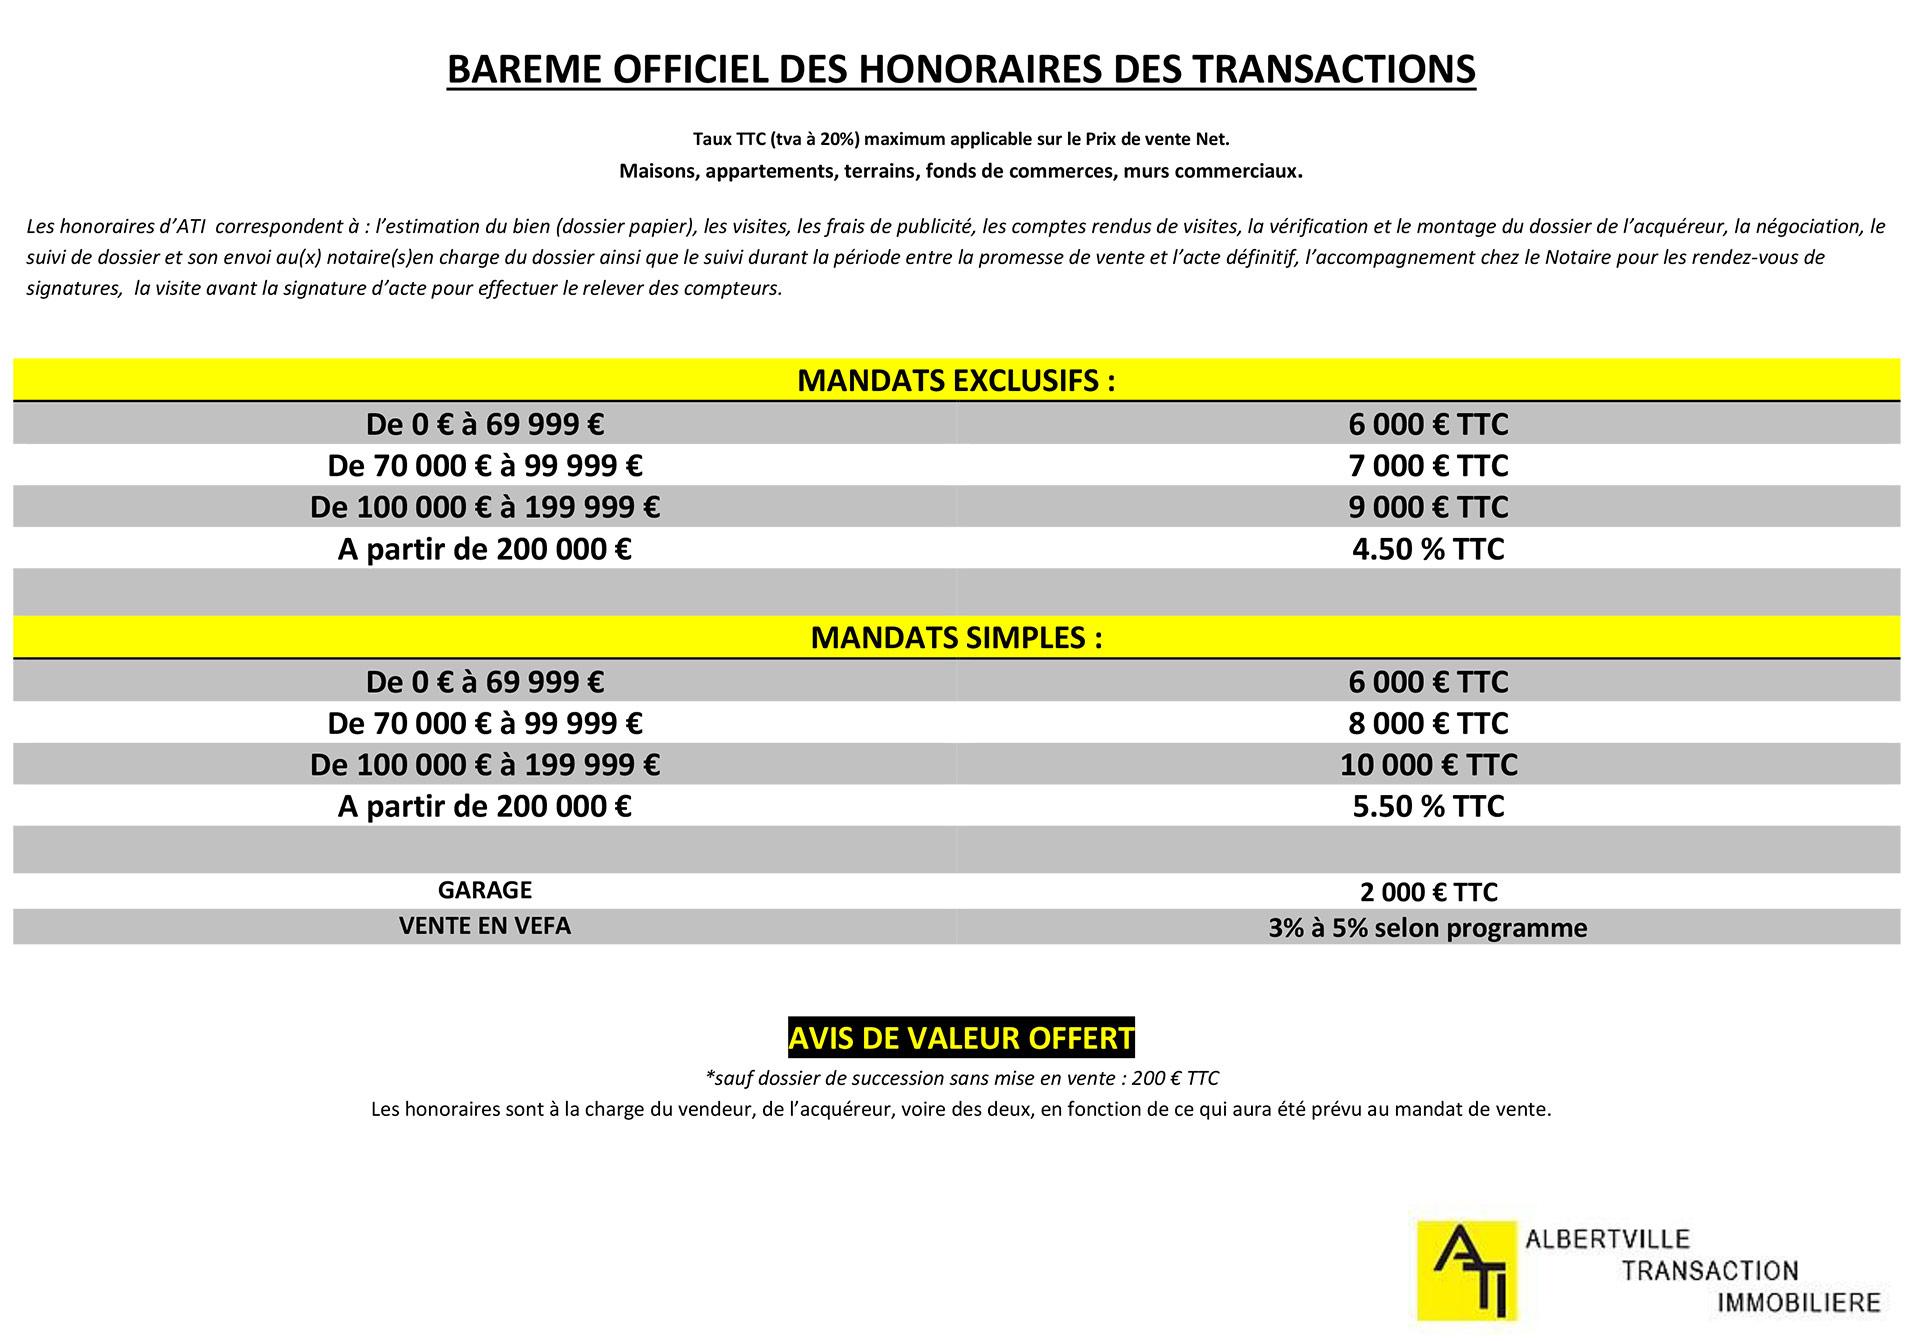 Barème officiel des honoraires des transactions